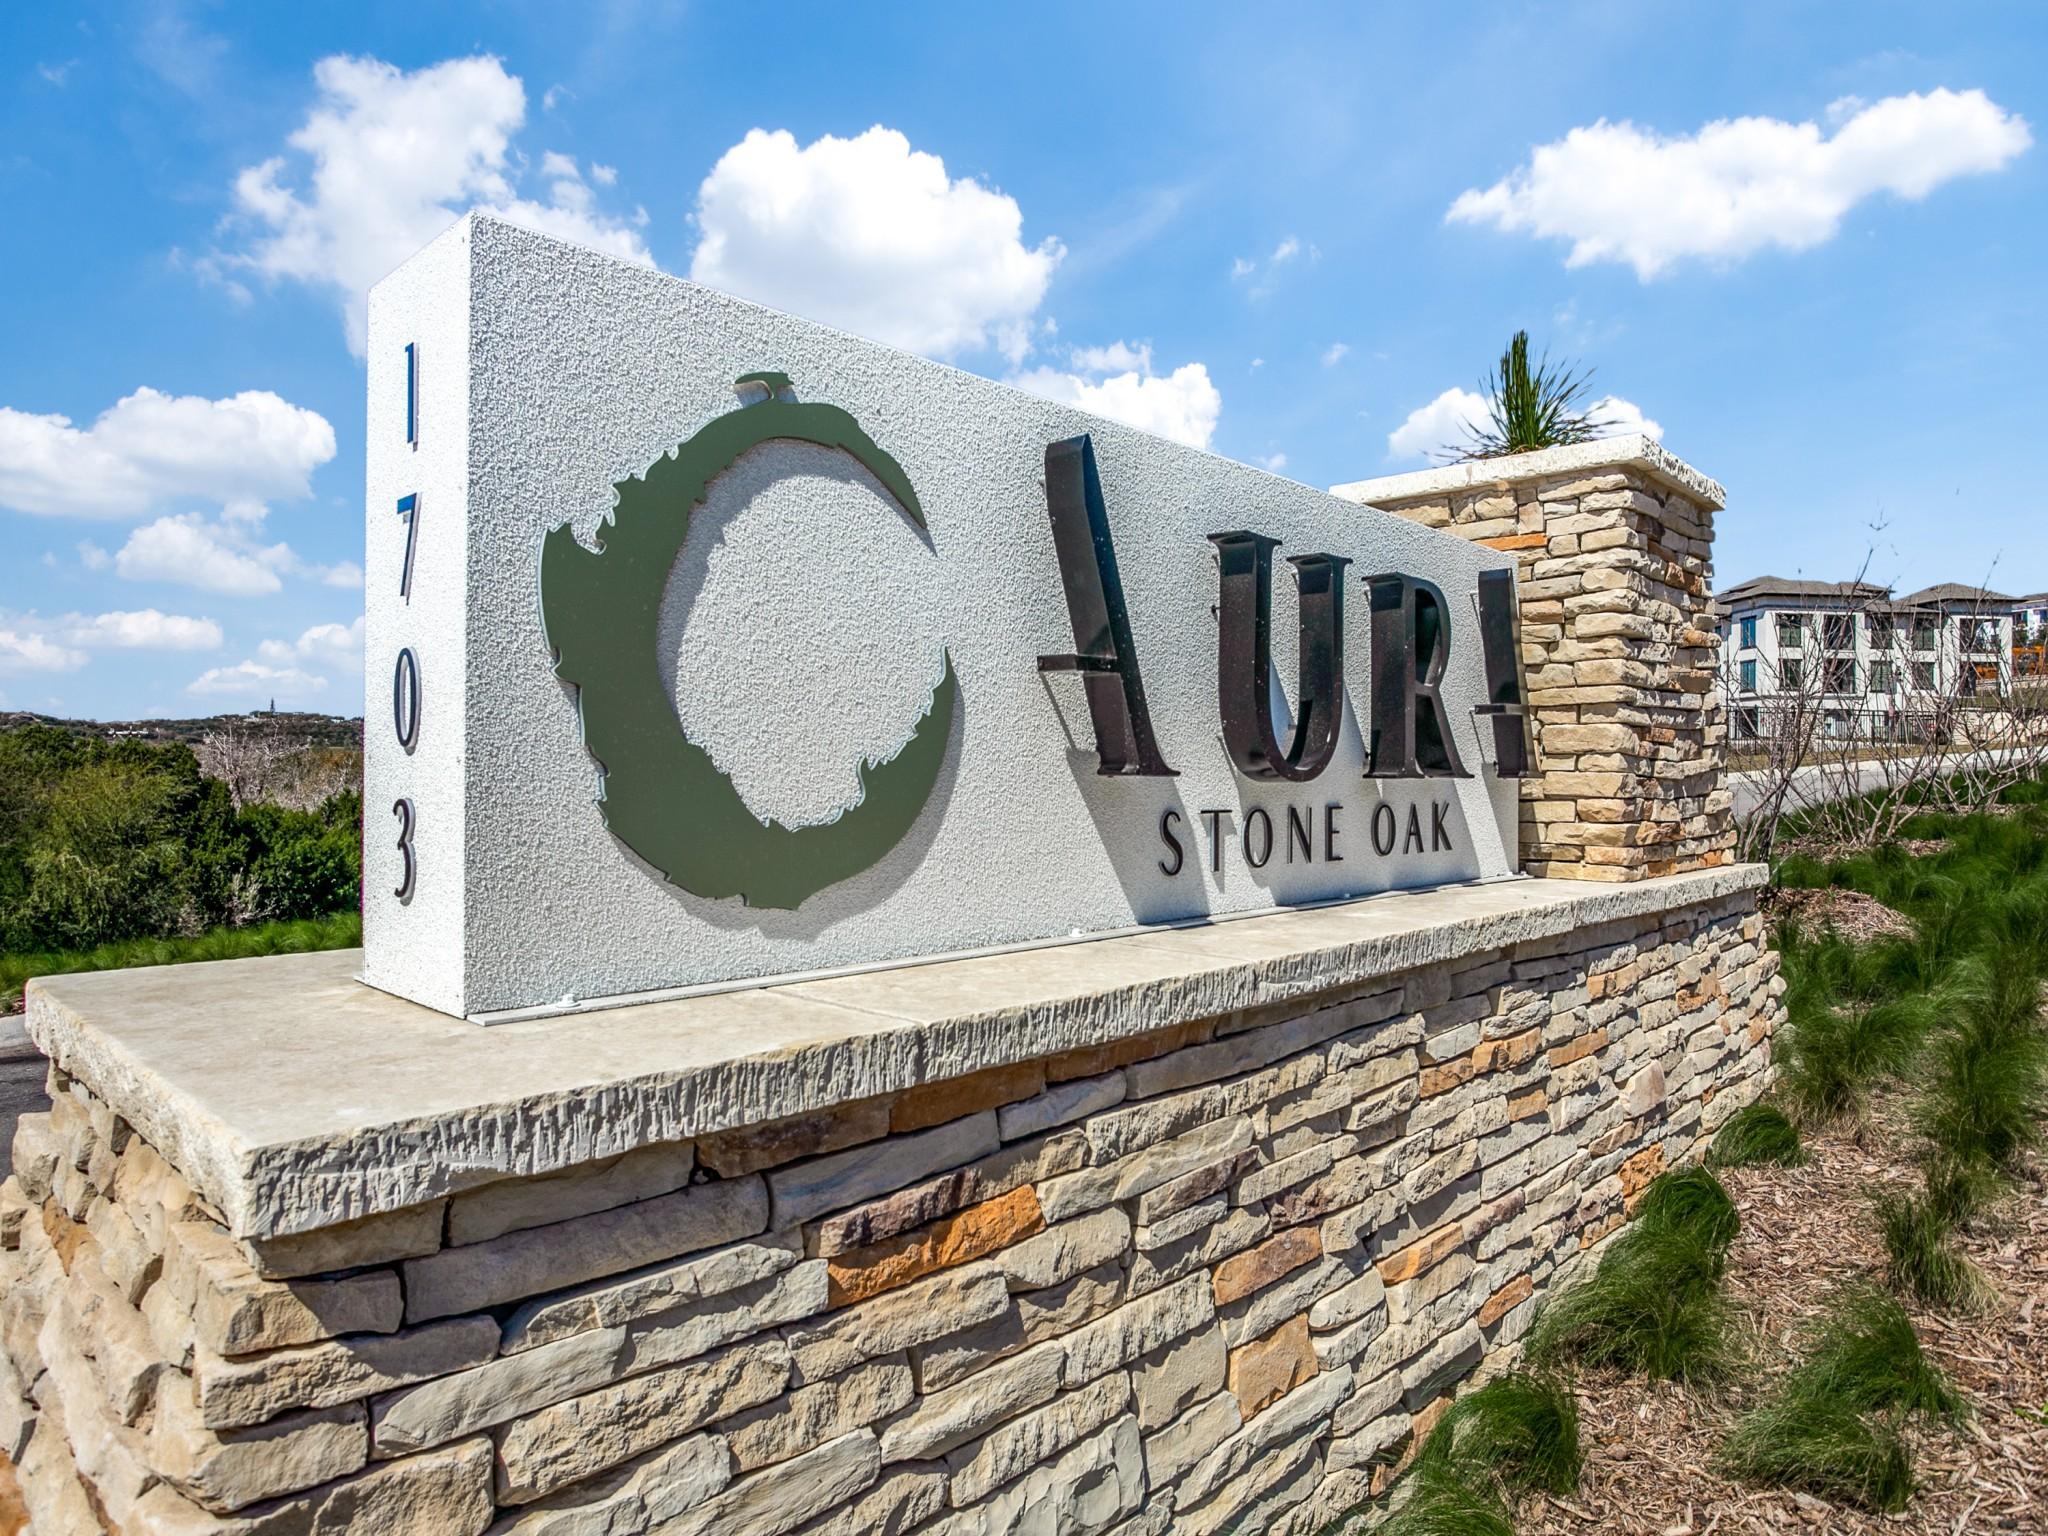 Aura Stone Oak